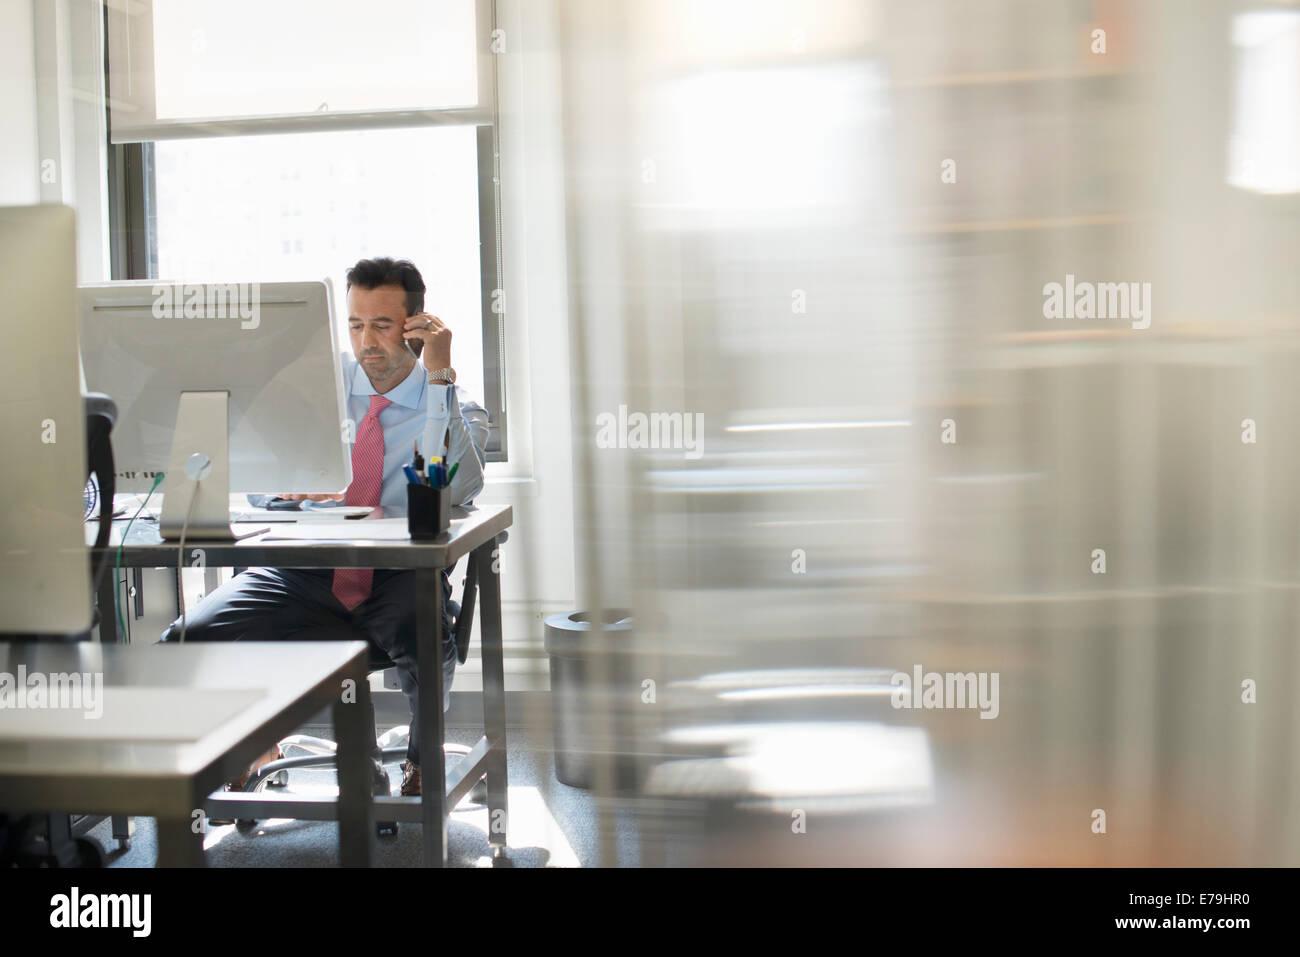 Un uomo seduto allo schermo di un computer al lavoro sul suo proprio. Immagini Stock